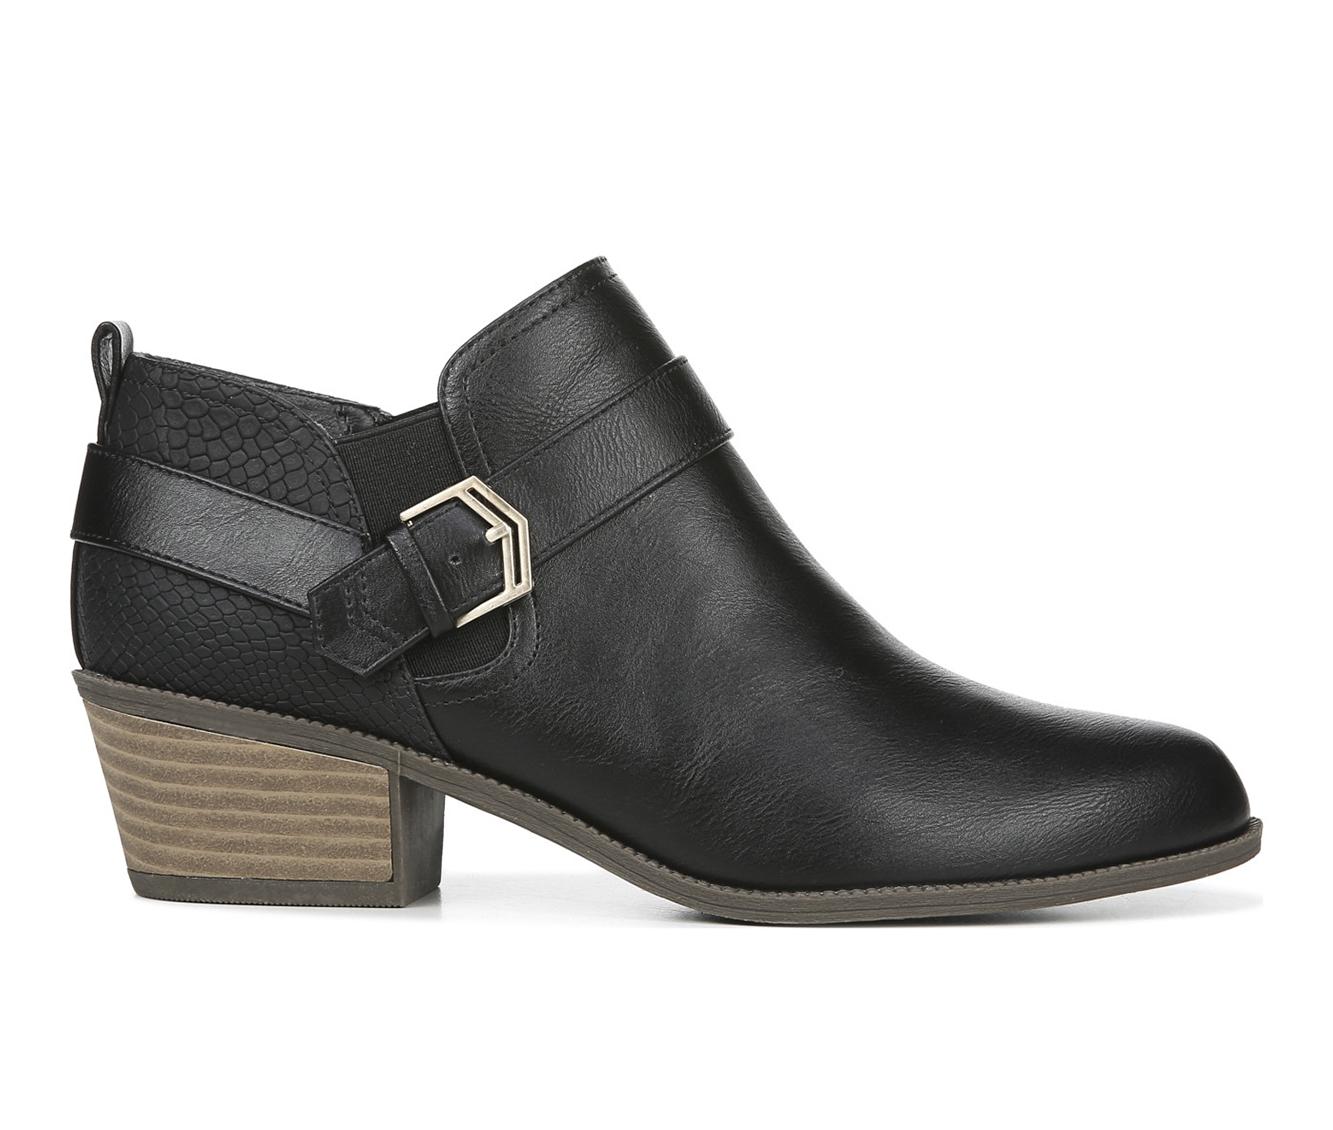 Dr. Scholls Bobbi Women's Boot (Black Faux Leather)